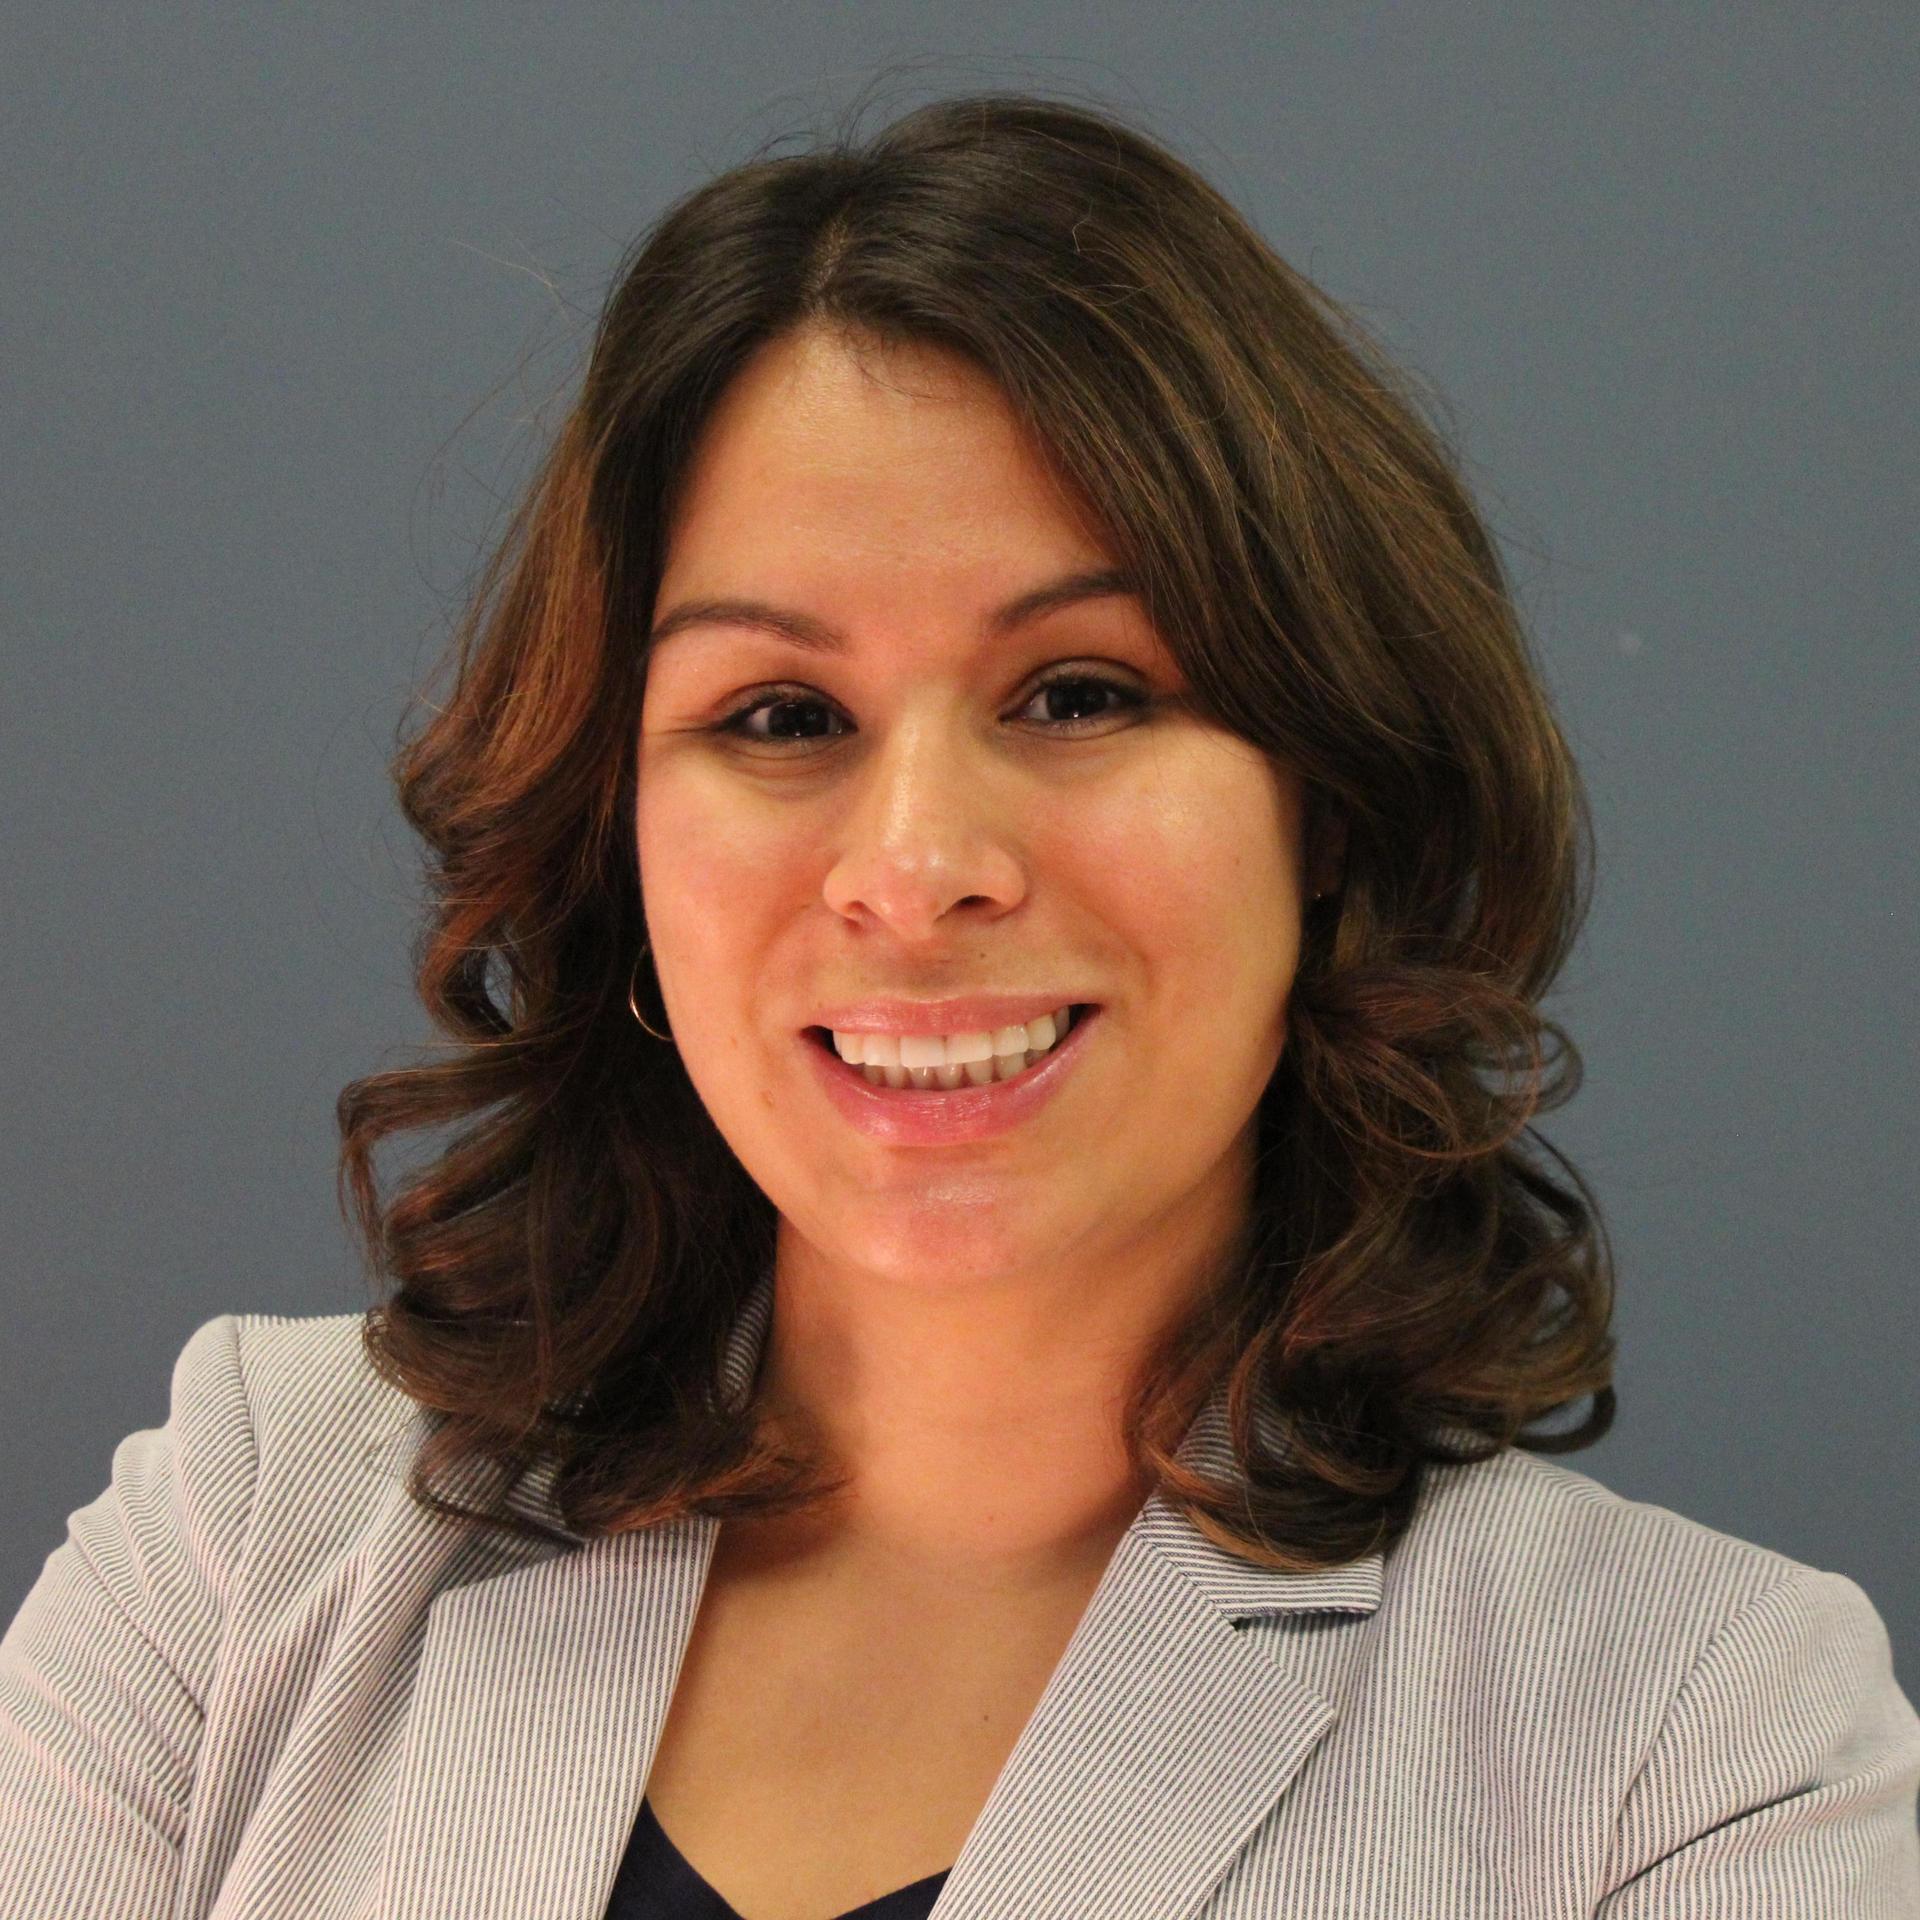 Raquel Gudiel